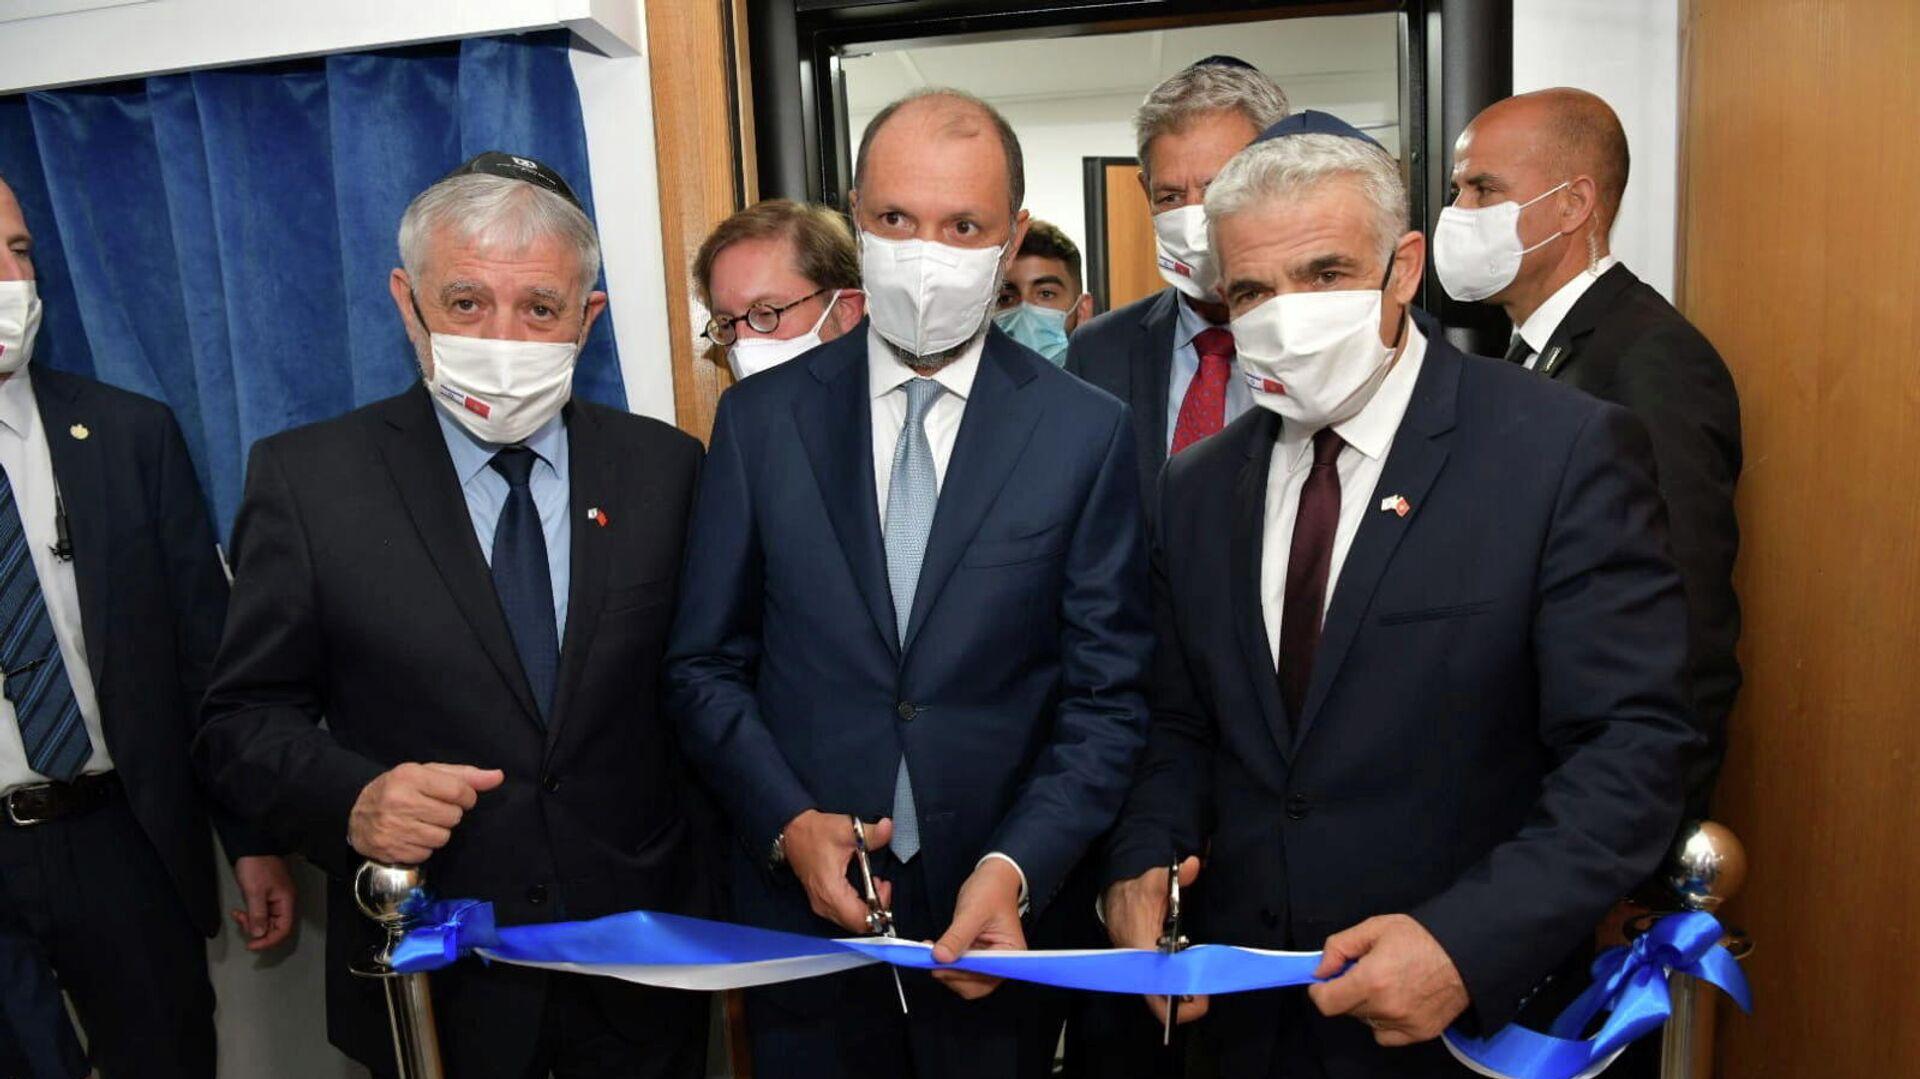 Inauguración de la oficina de enlace israelí en Marruecos - Sputnik Mundo, 1920, 12.08.2021